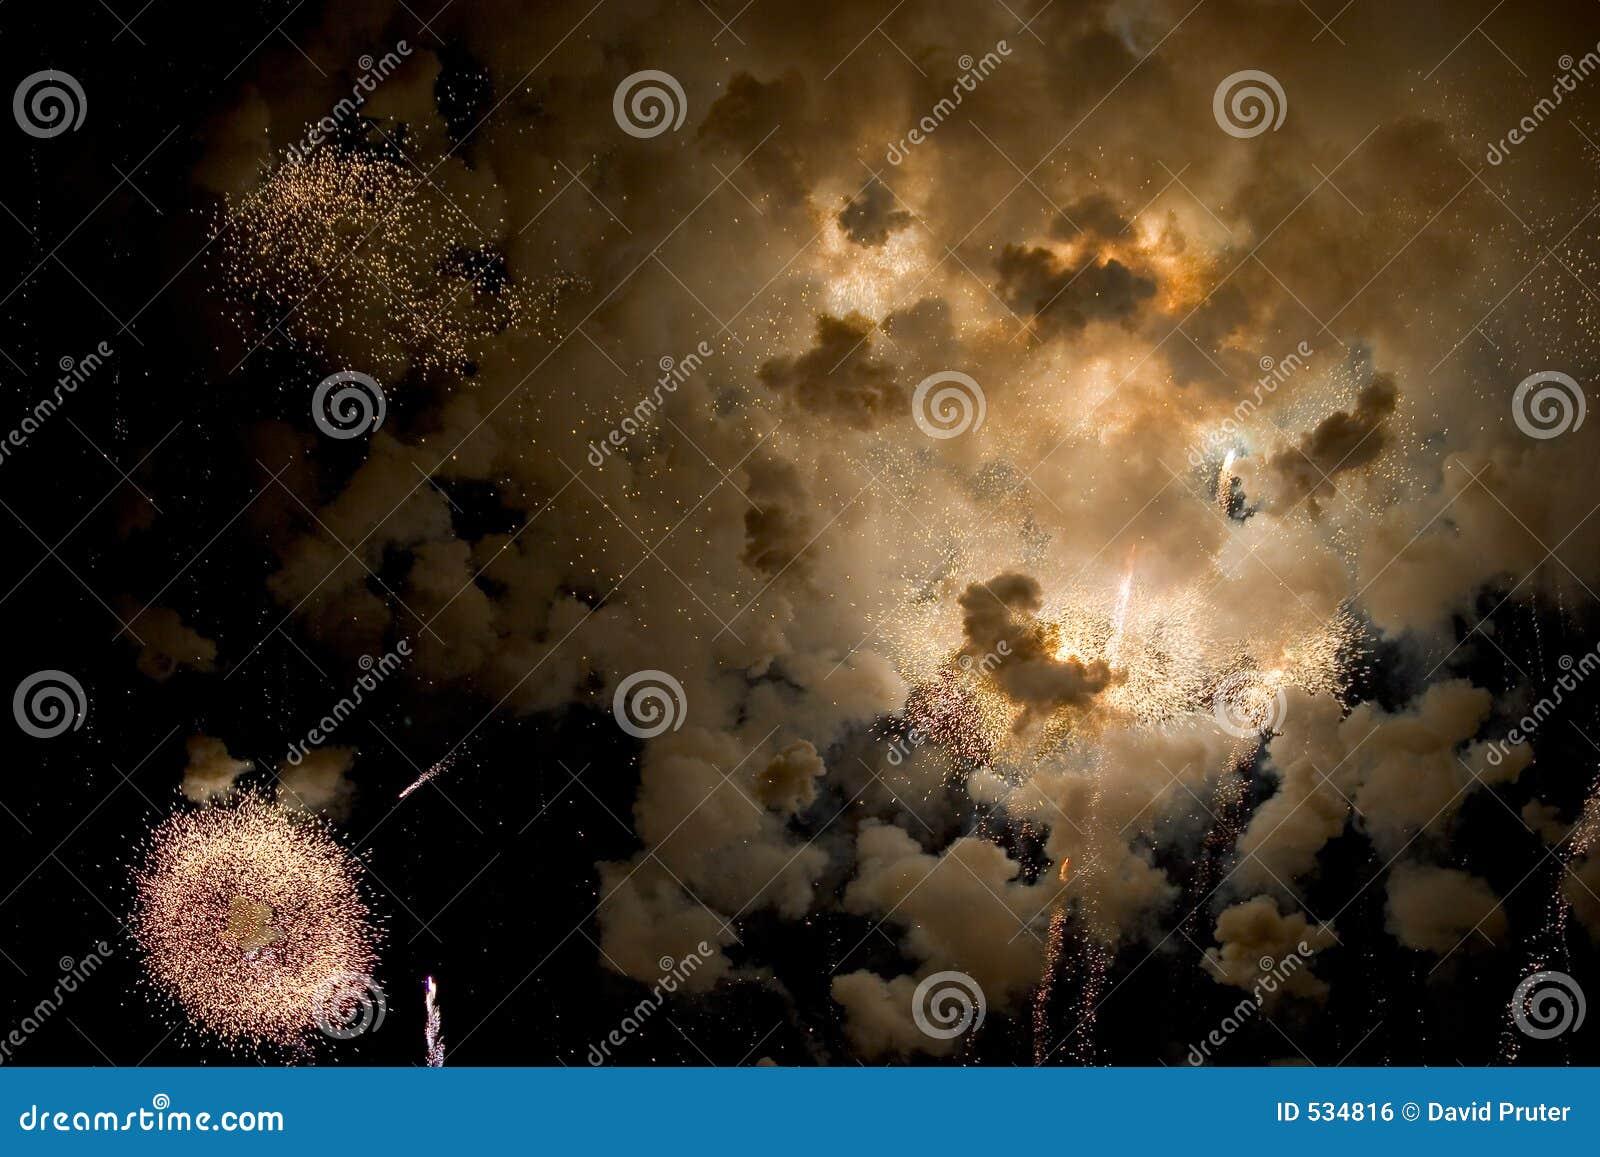 Download 宇宙的景气 库存照片. 图片 包括有 火箭, 宇宙, 庆祝, 愉快, 火花, 点燃, 强光, 颜色, 声音, 烟火制造术 - 534816